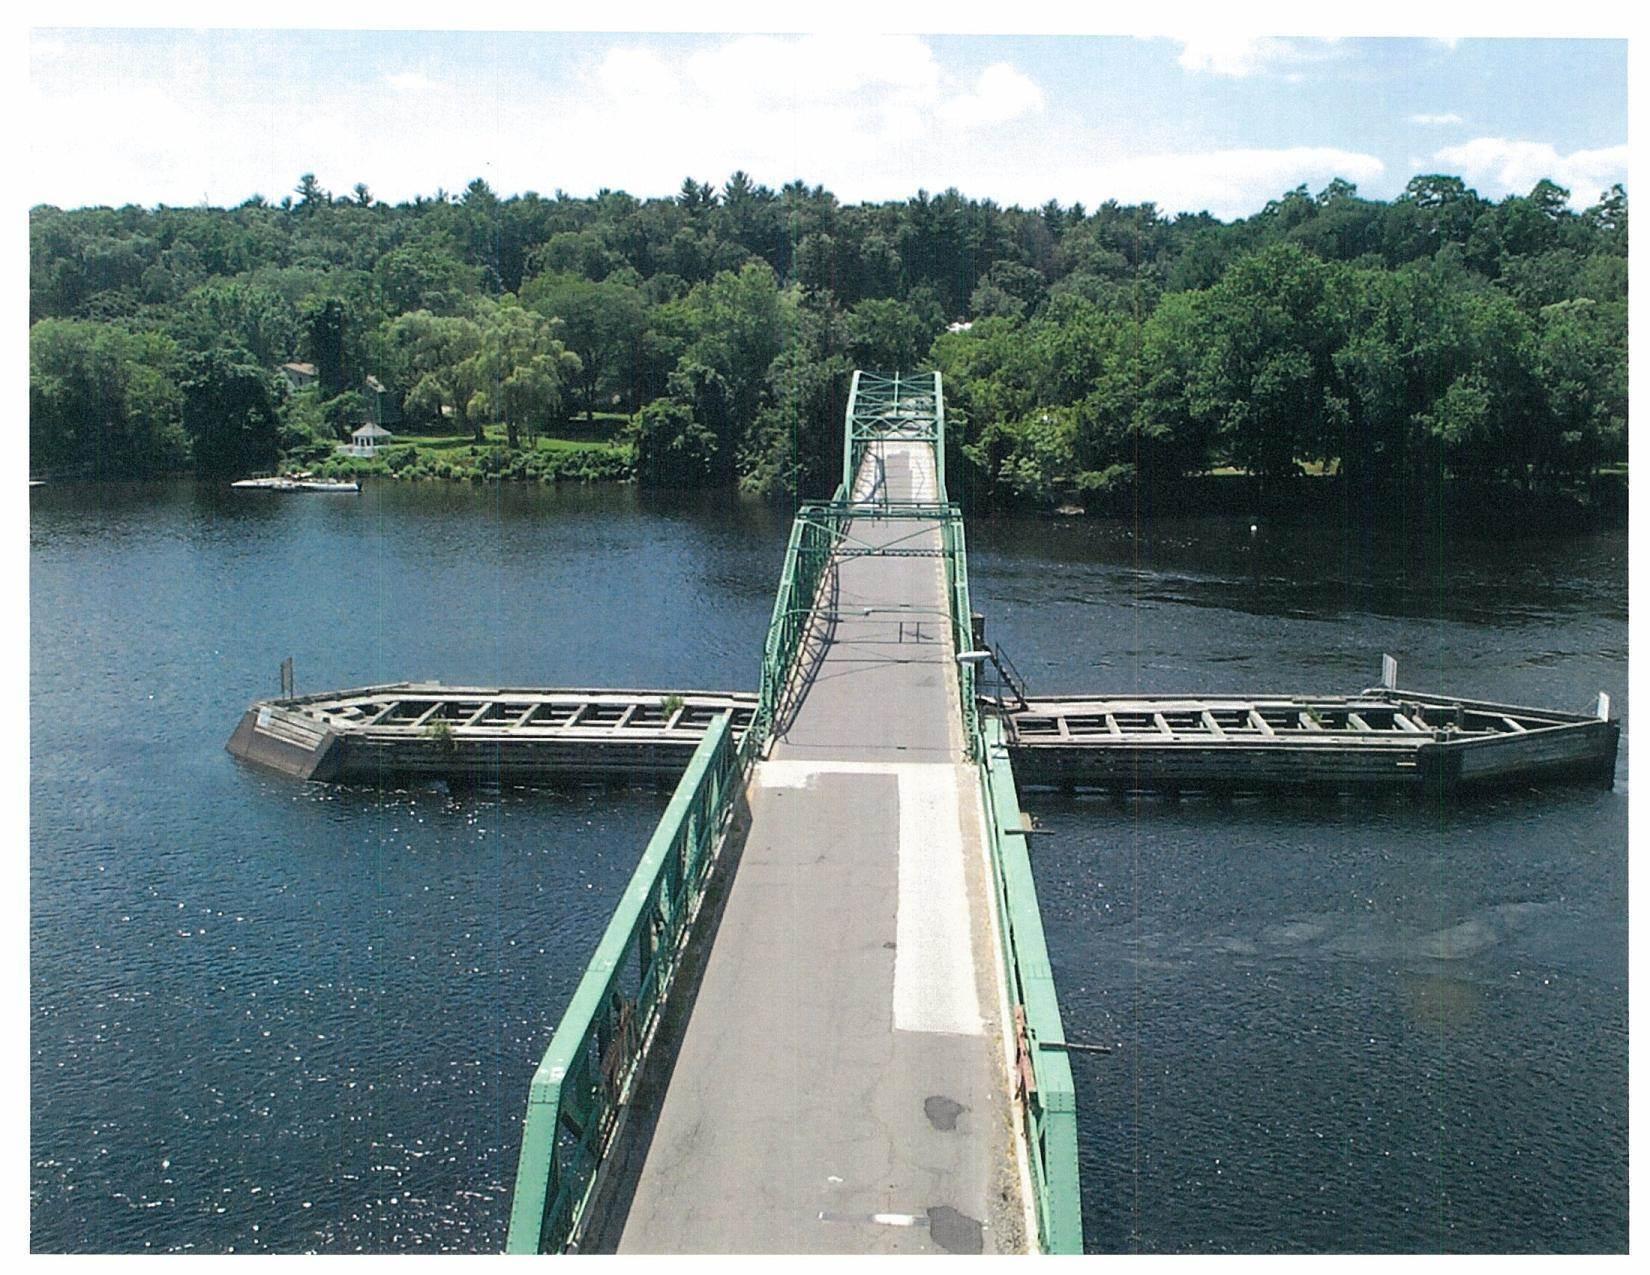 02-Aerial-View-of-Old-Bridge.jpg